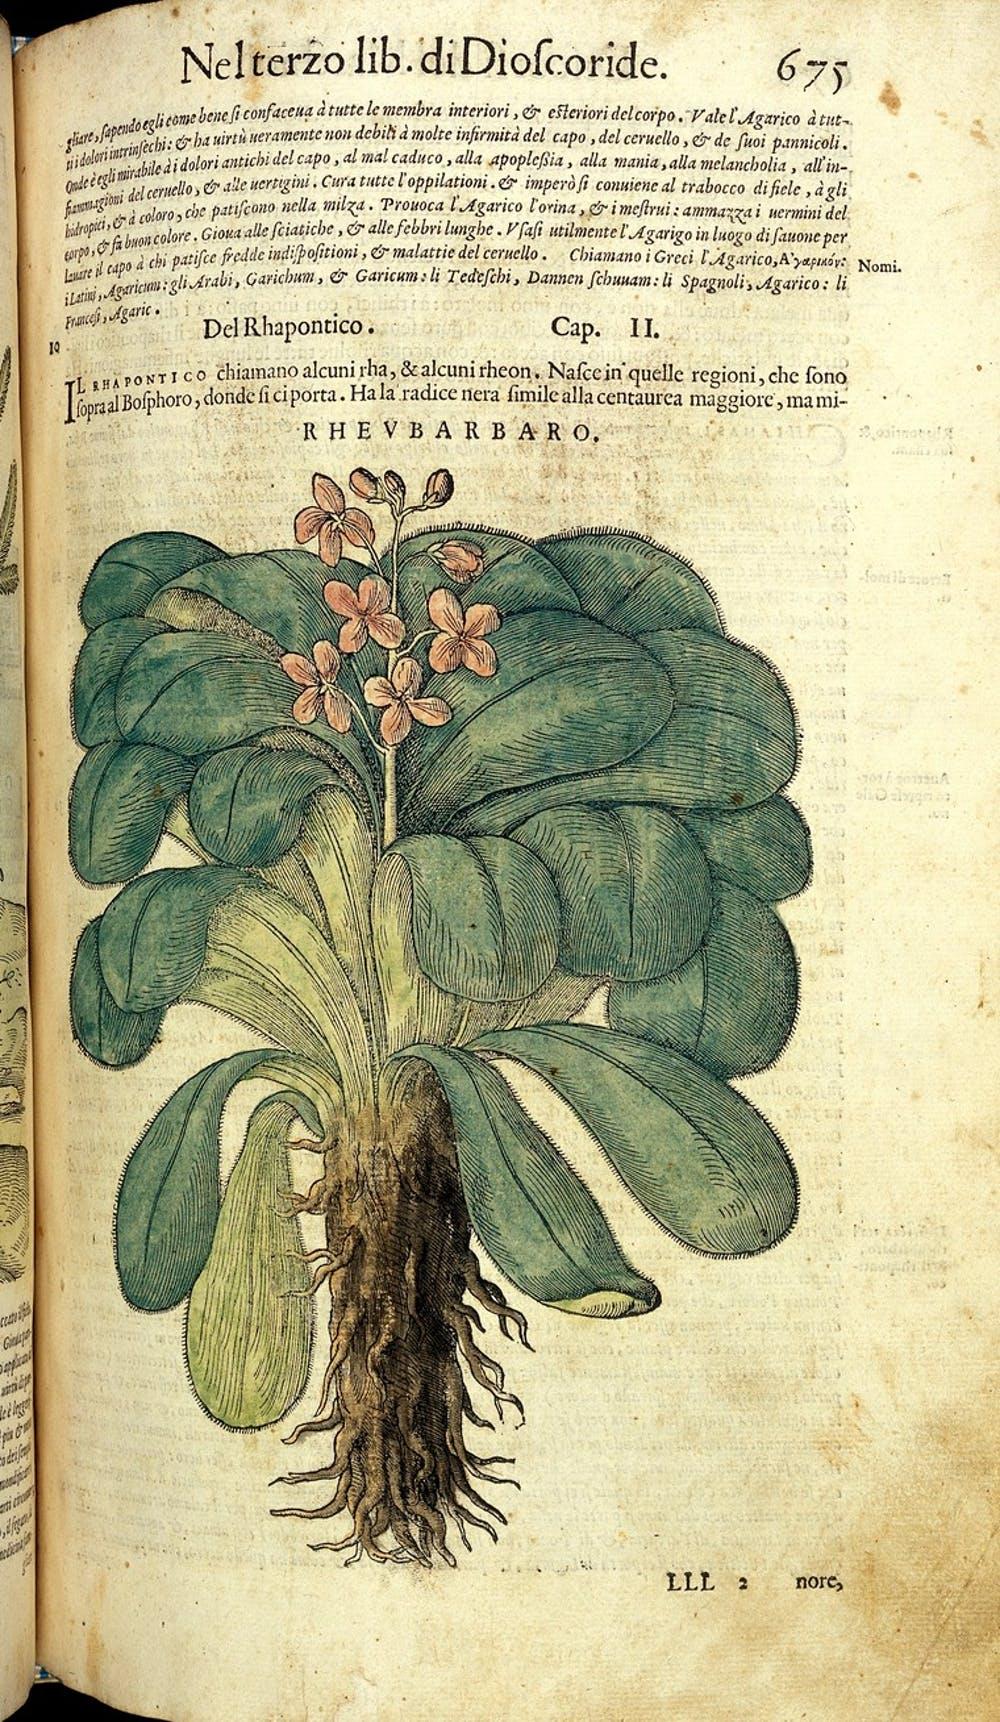 Cây đại hoàng được ghi chép trong một tài liệu y học thế kỷ 16. Ảnh: Wellcome Collection.